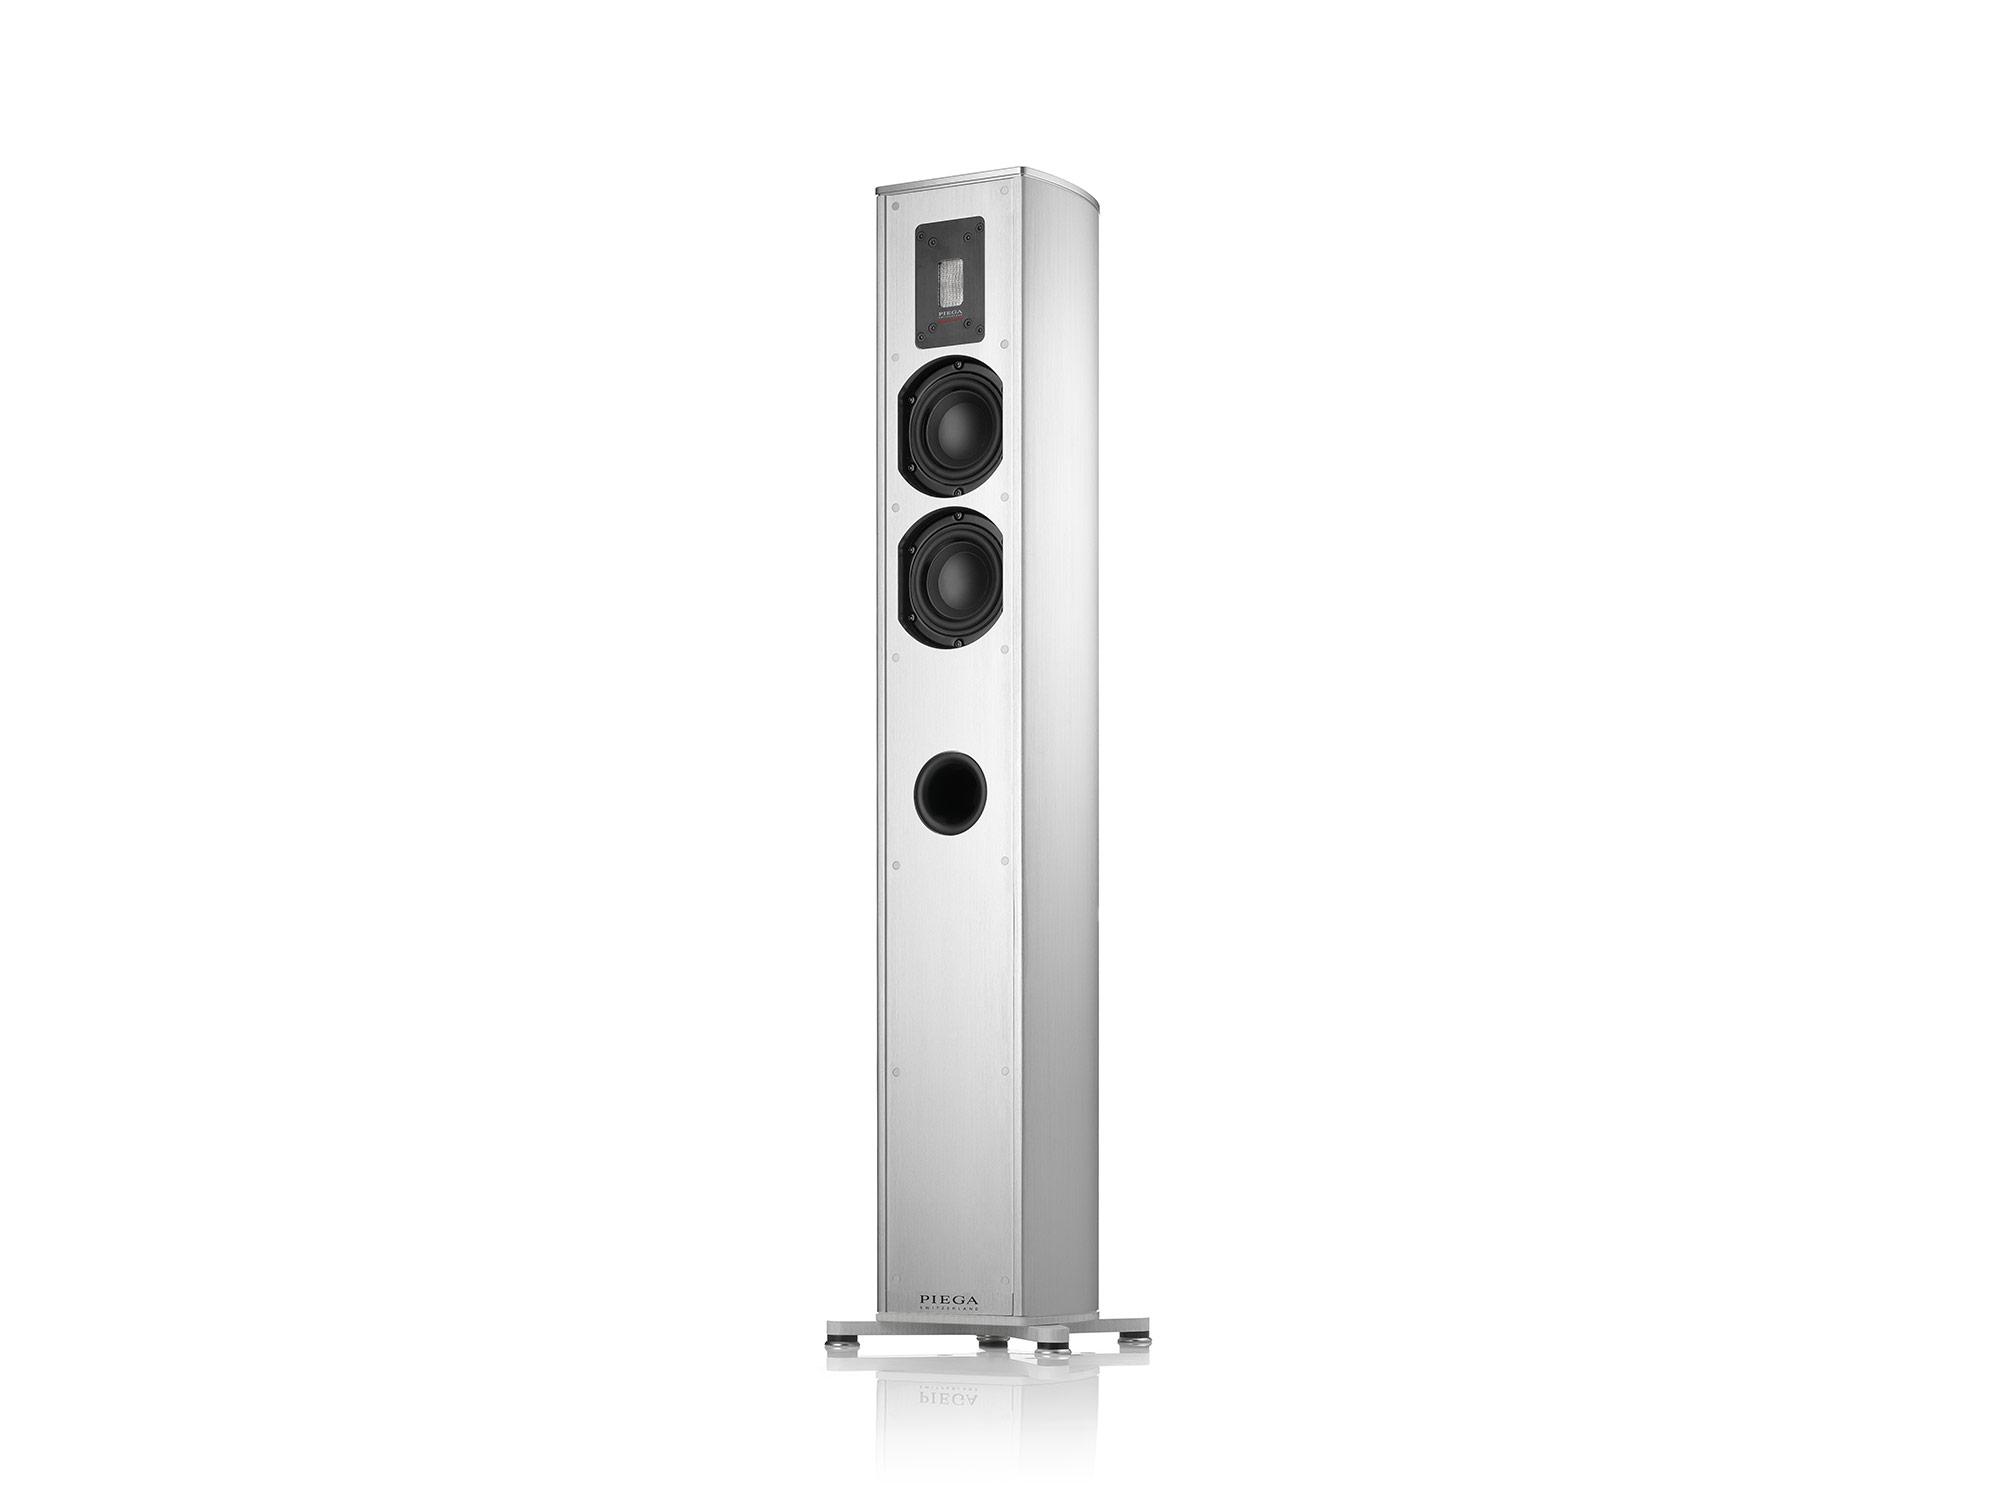 Piega Premium 501 Stand-Lautsprecher